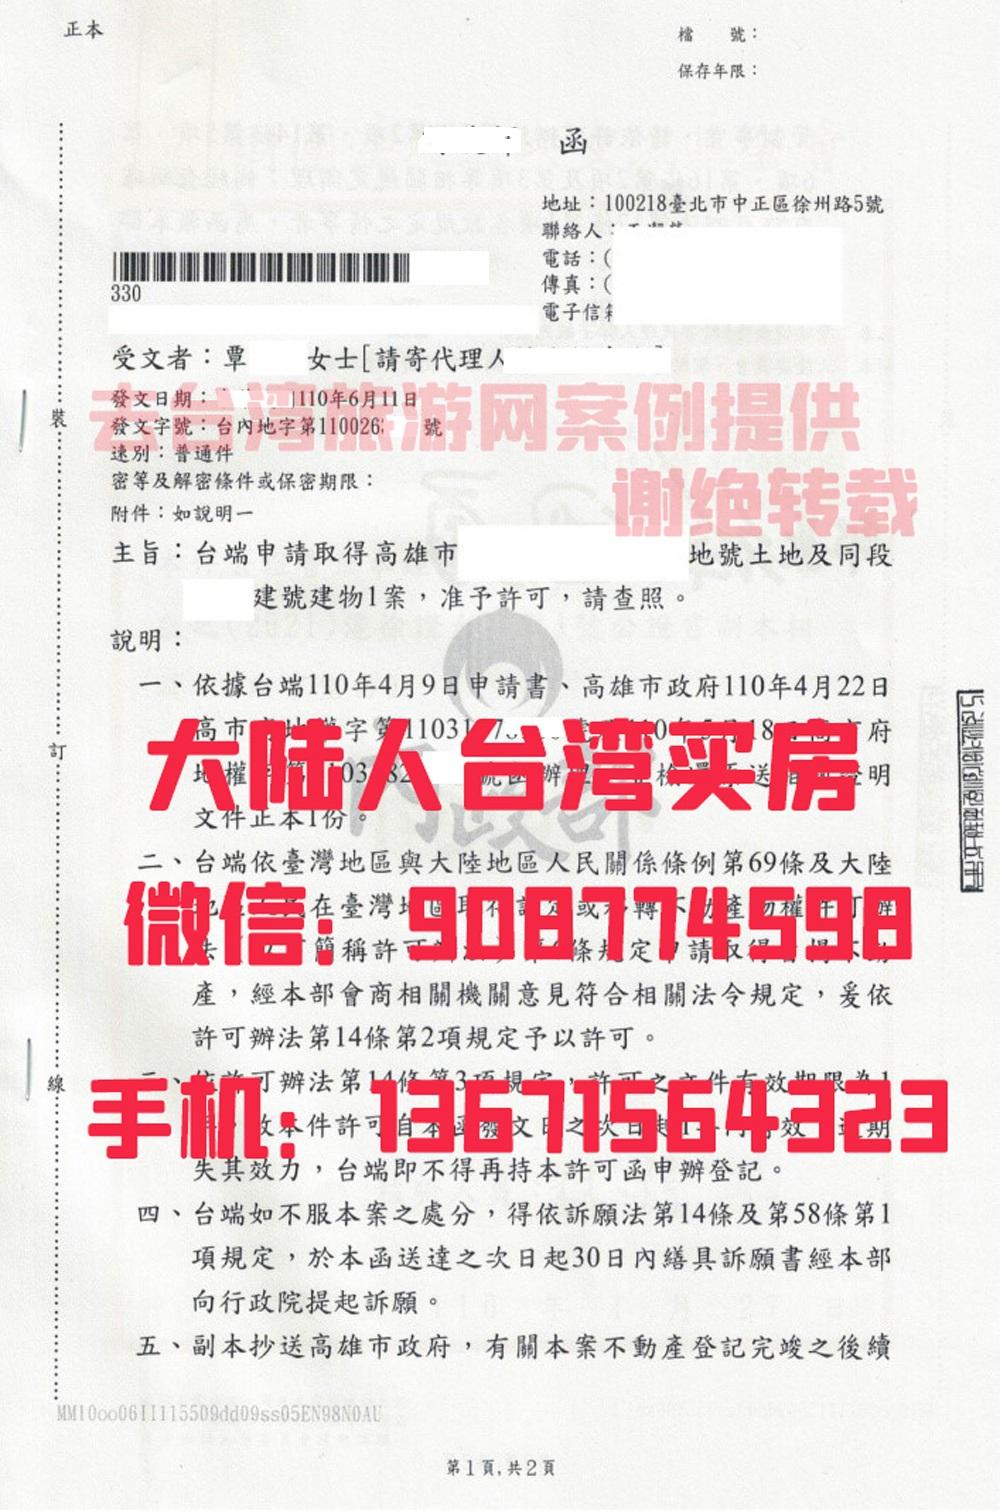 上海覃老板获得高雄买房申请核准函